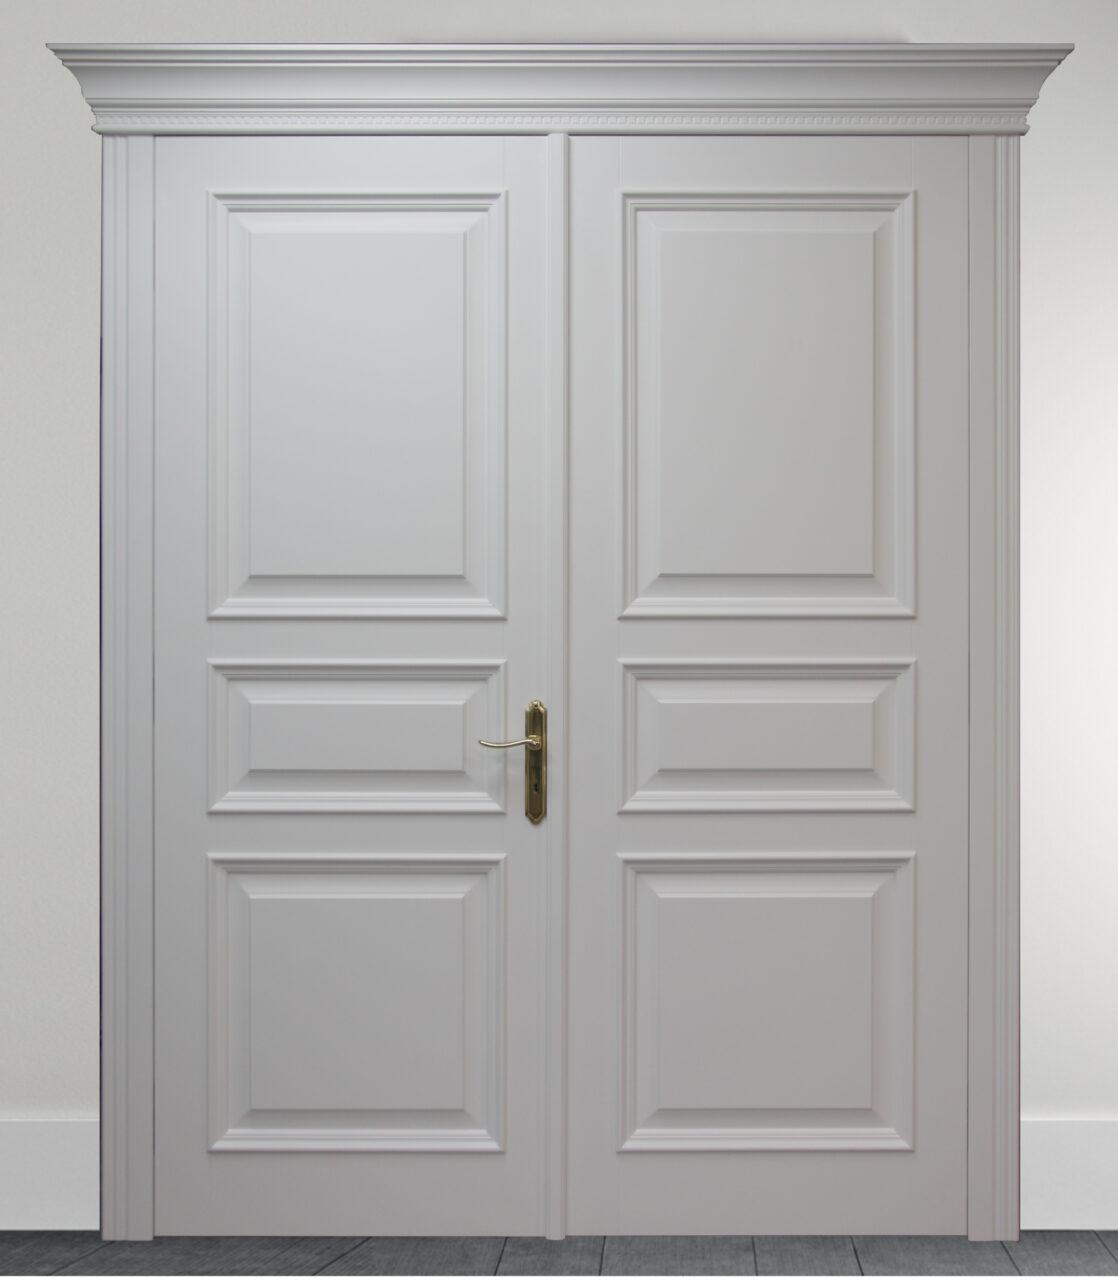 Drzwi drewniane dwuskrzydłowe pełne London LW544